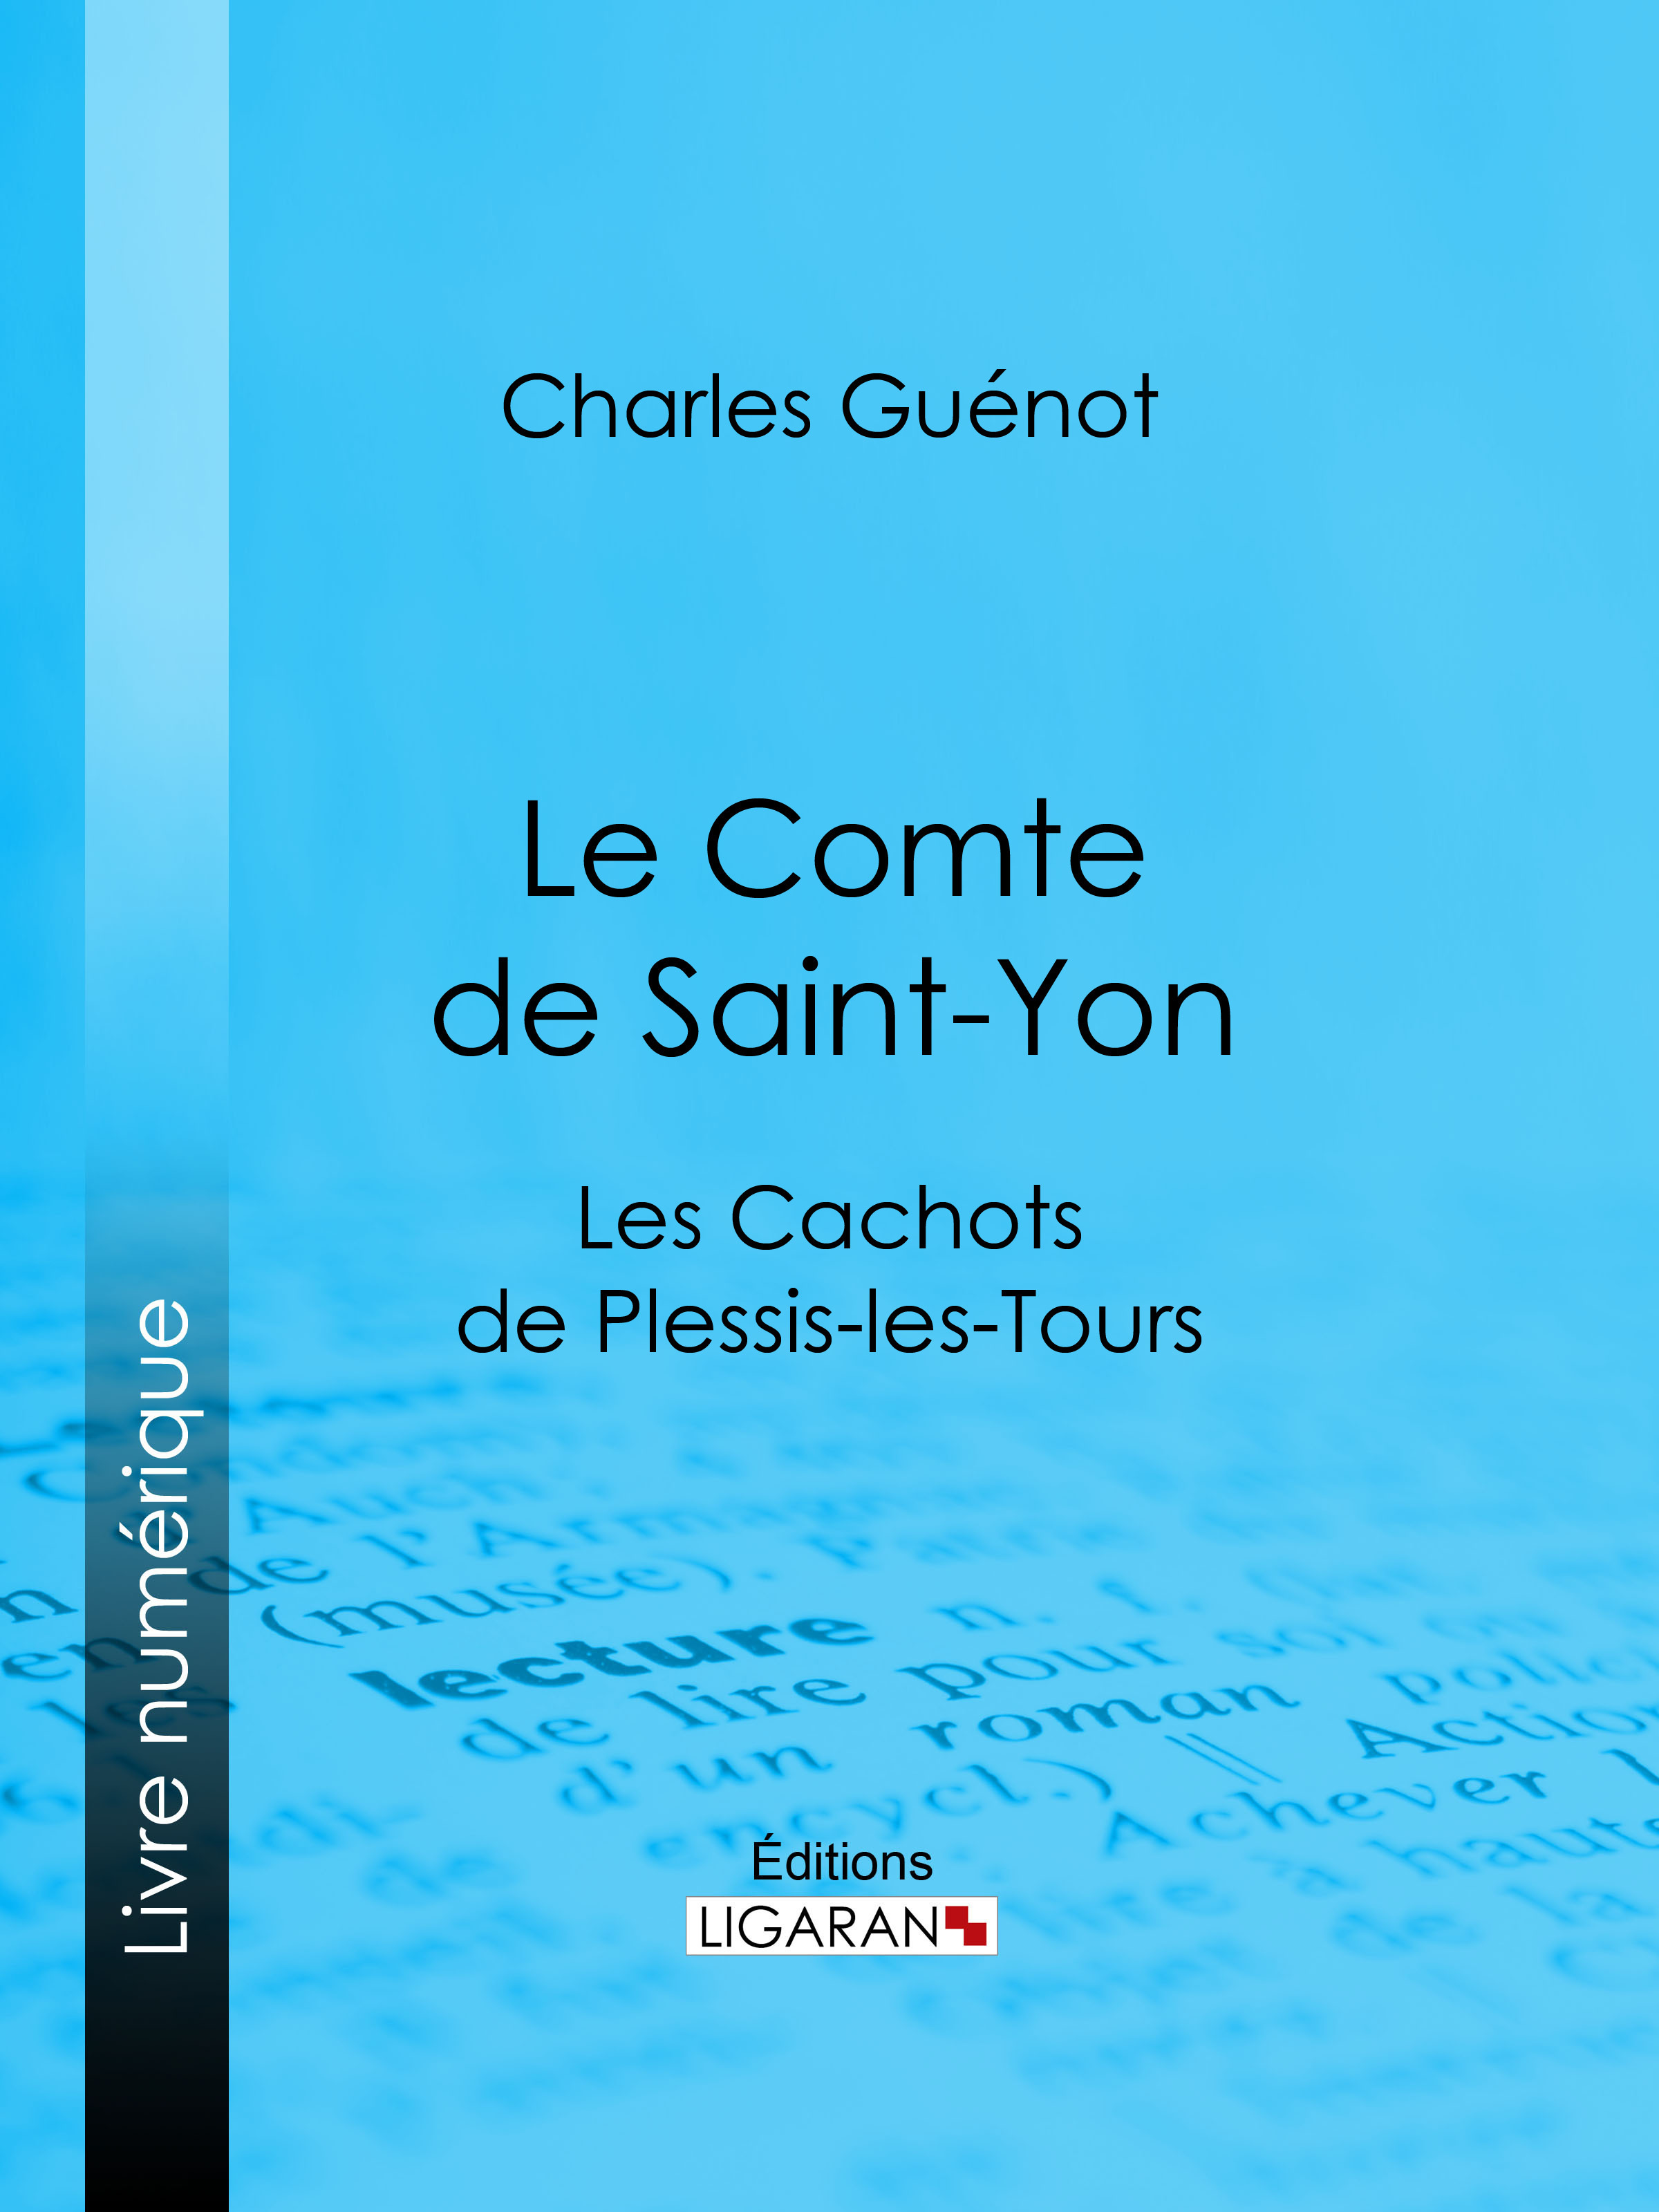 Le Comte de Saint-Yon